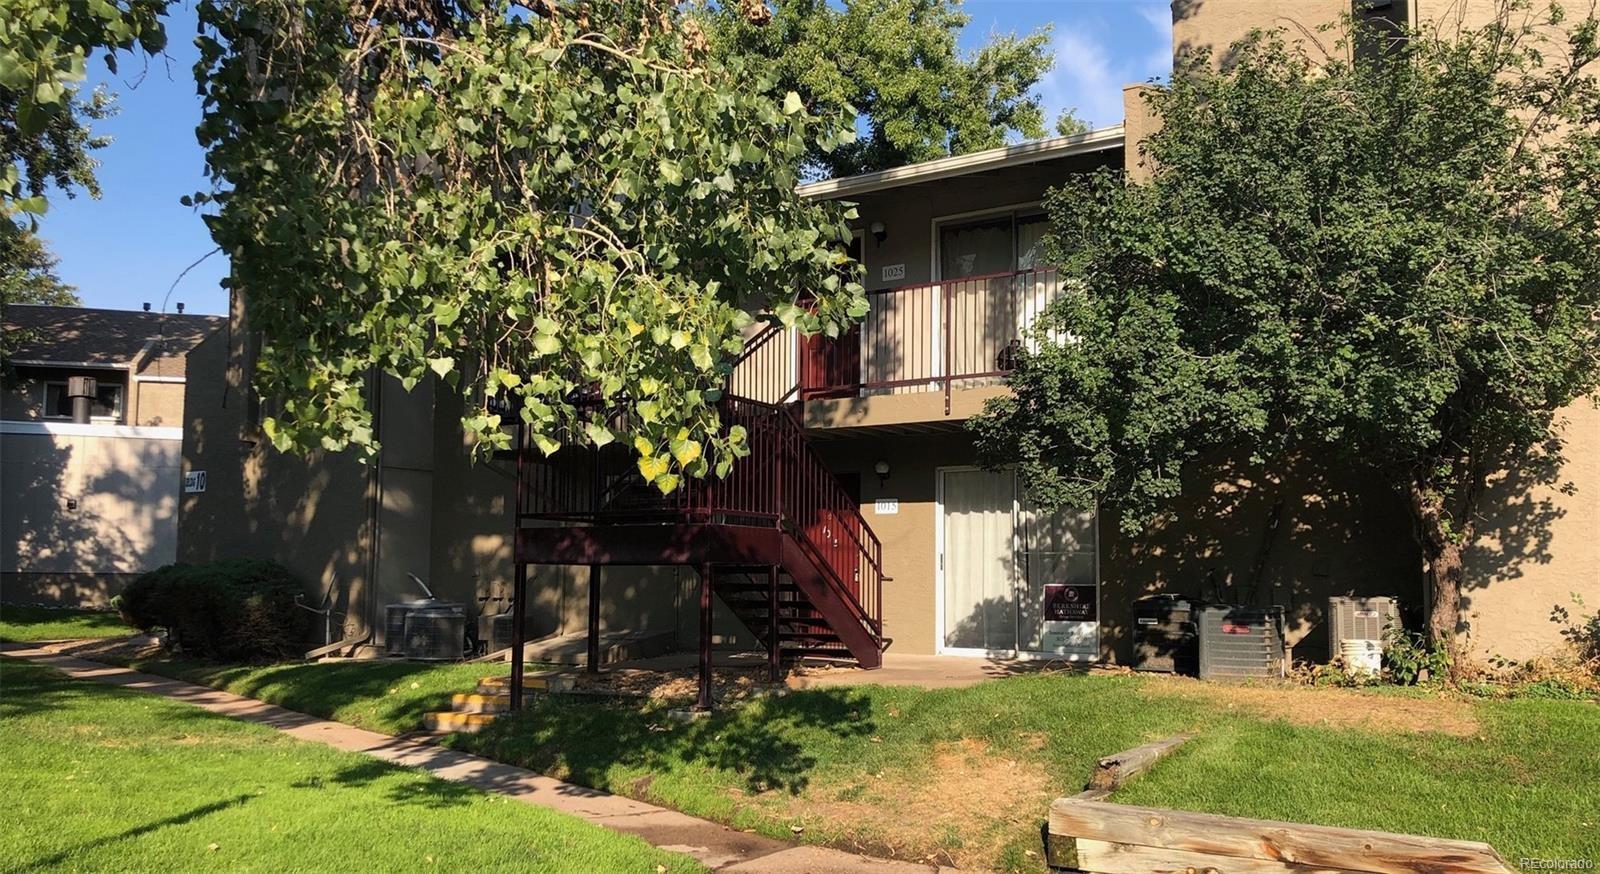 MLS# 5549061 - 1 - 5300 E Cherry Creek South Drive #1015, Denver, CO 80246